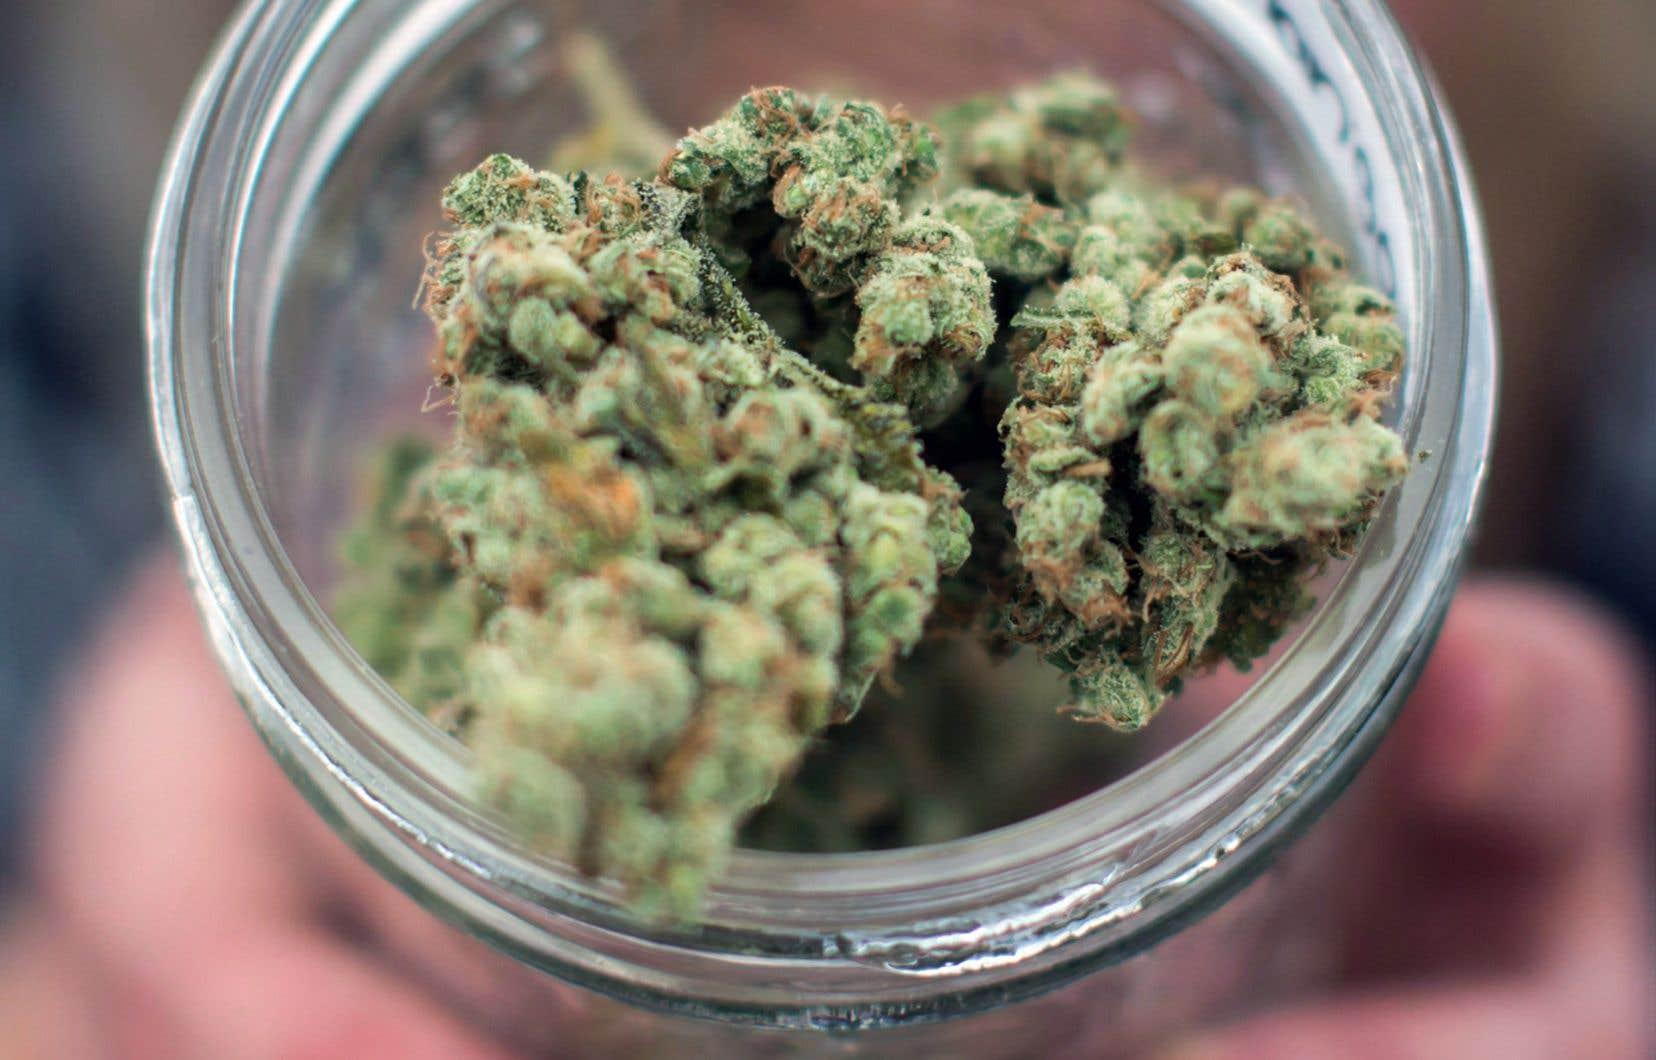 La SQDC commercialisera du cannabis frais et séché et de l'huile de cannabis, mais pas de produits comestibles.